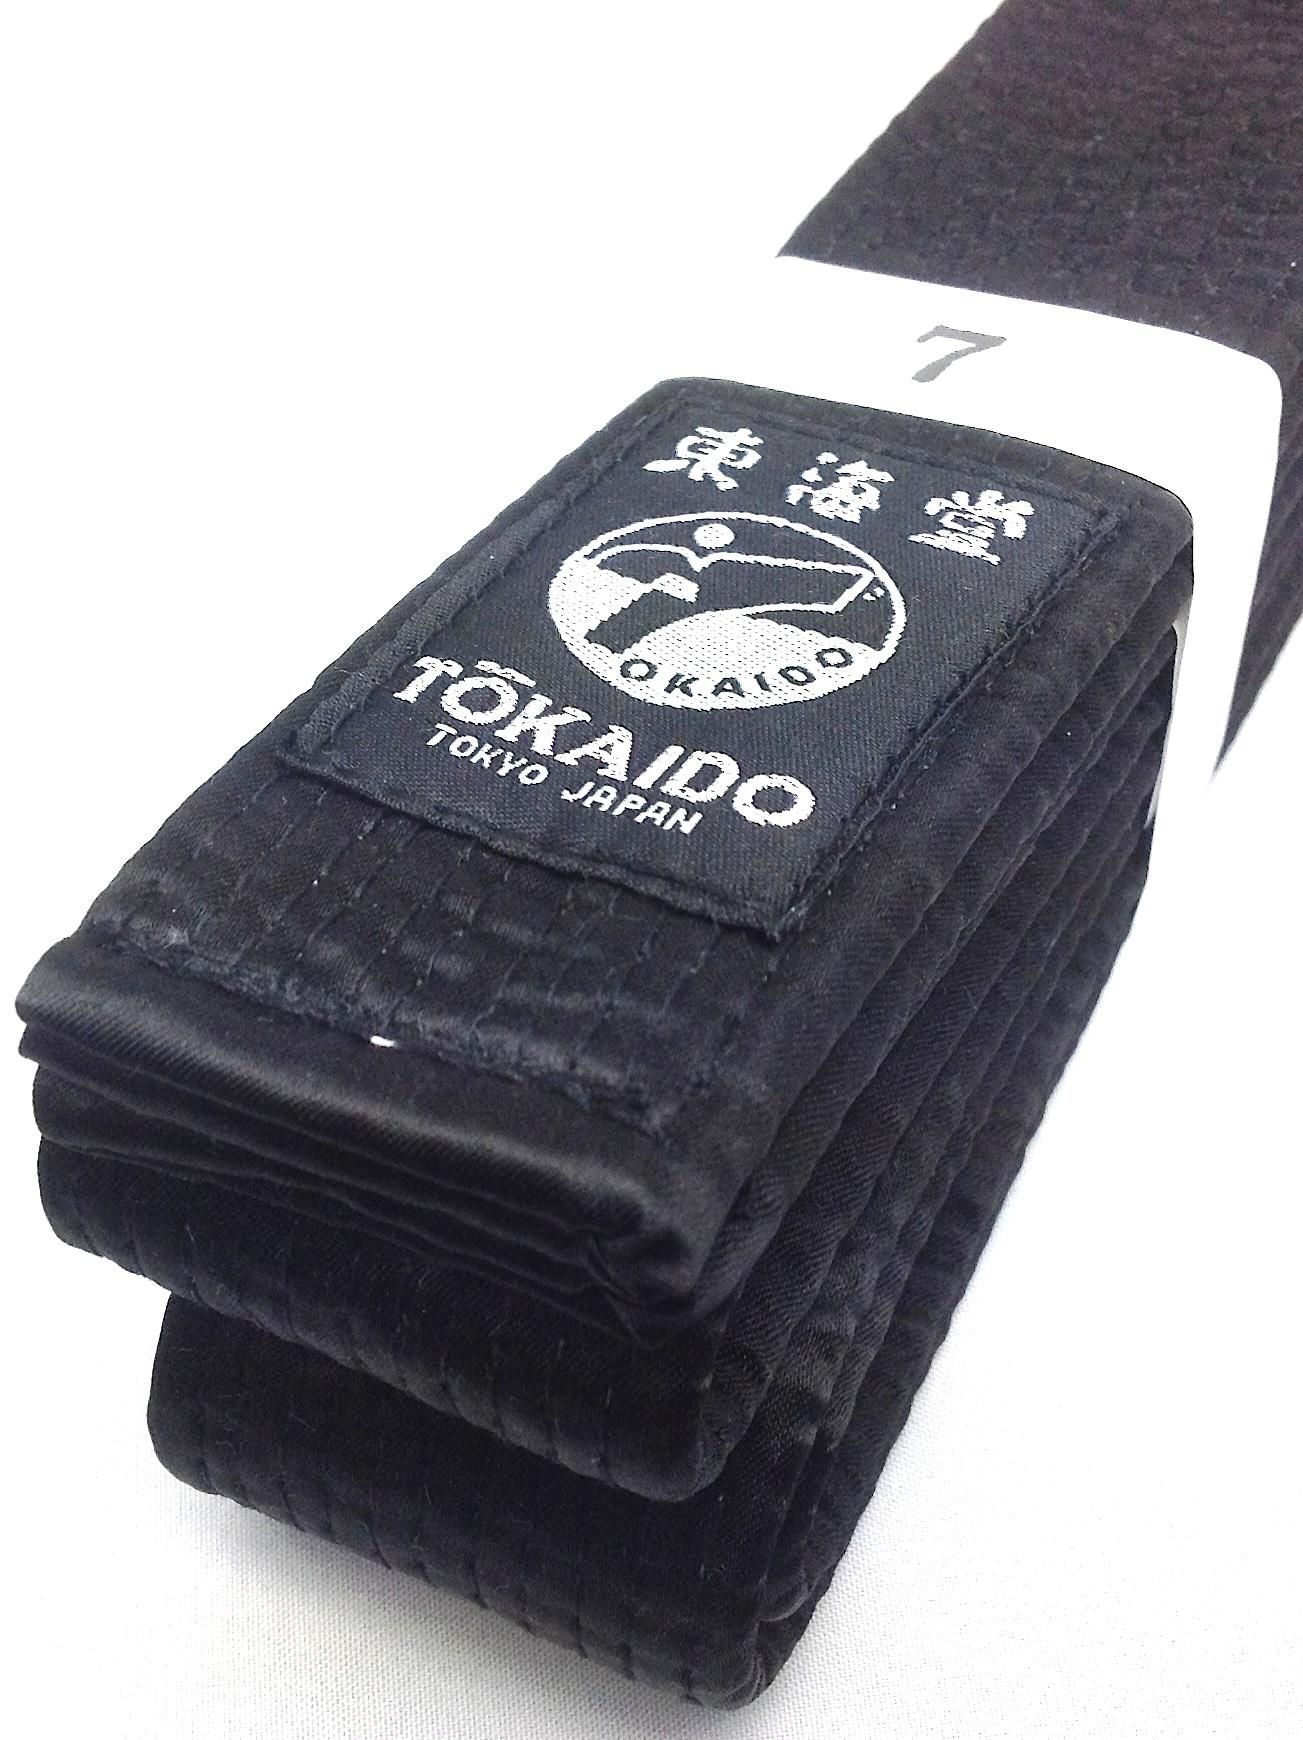 Ceinture noire ninjutsu tokaido